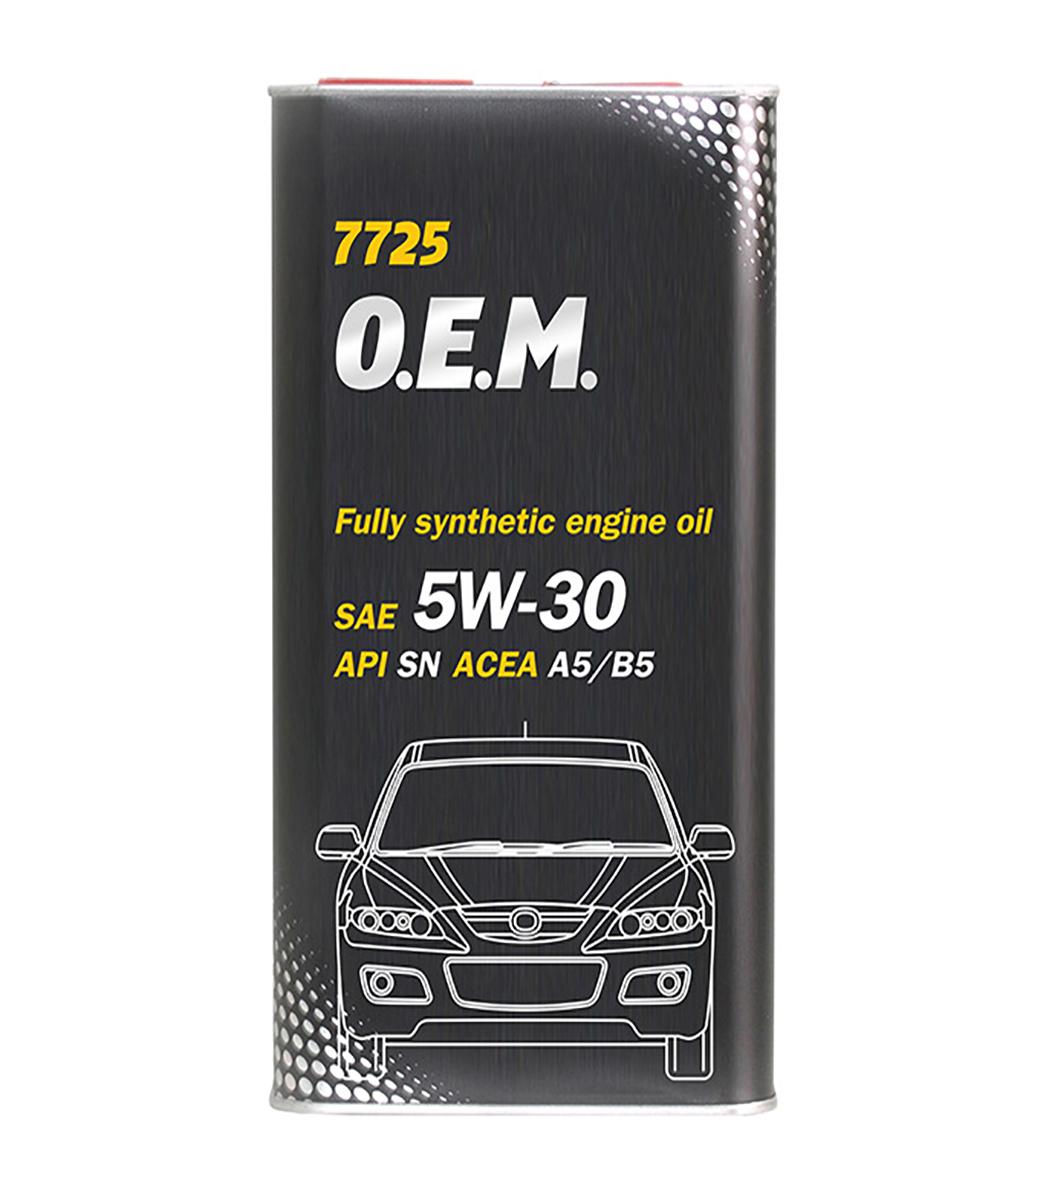 O.E.M. for Mazda 5W-30